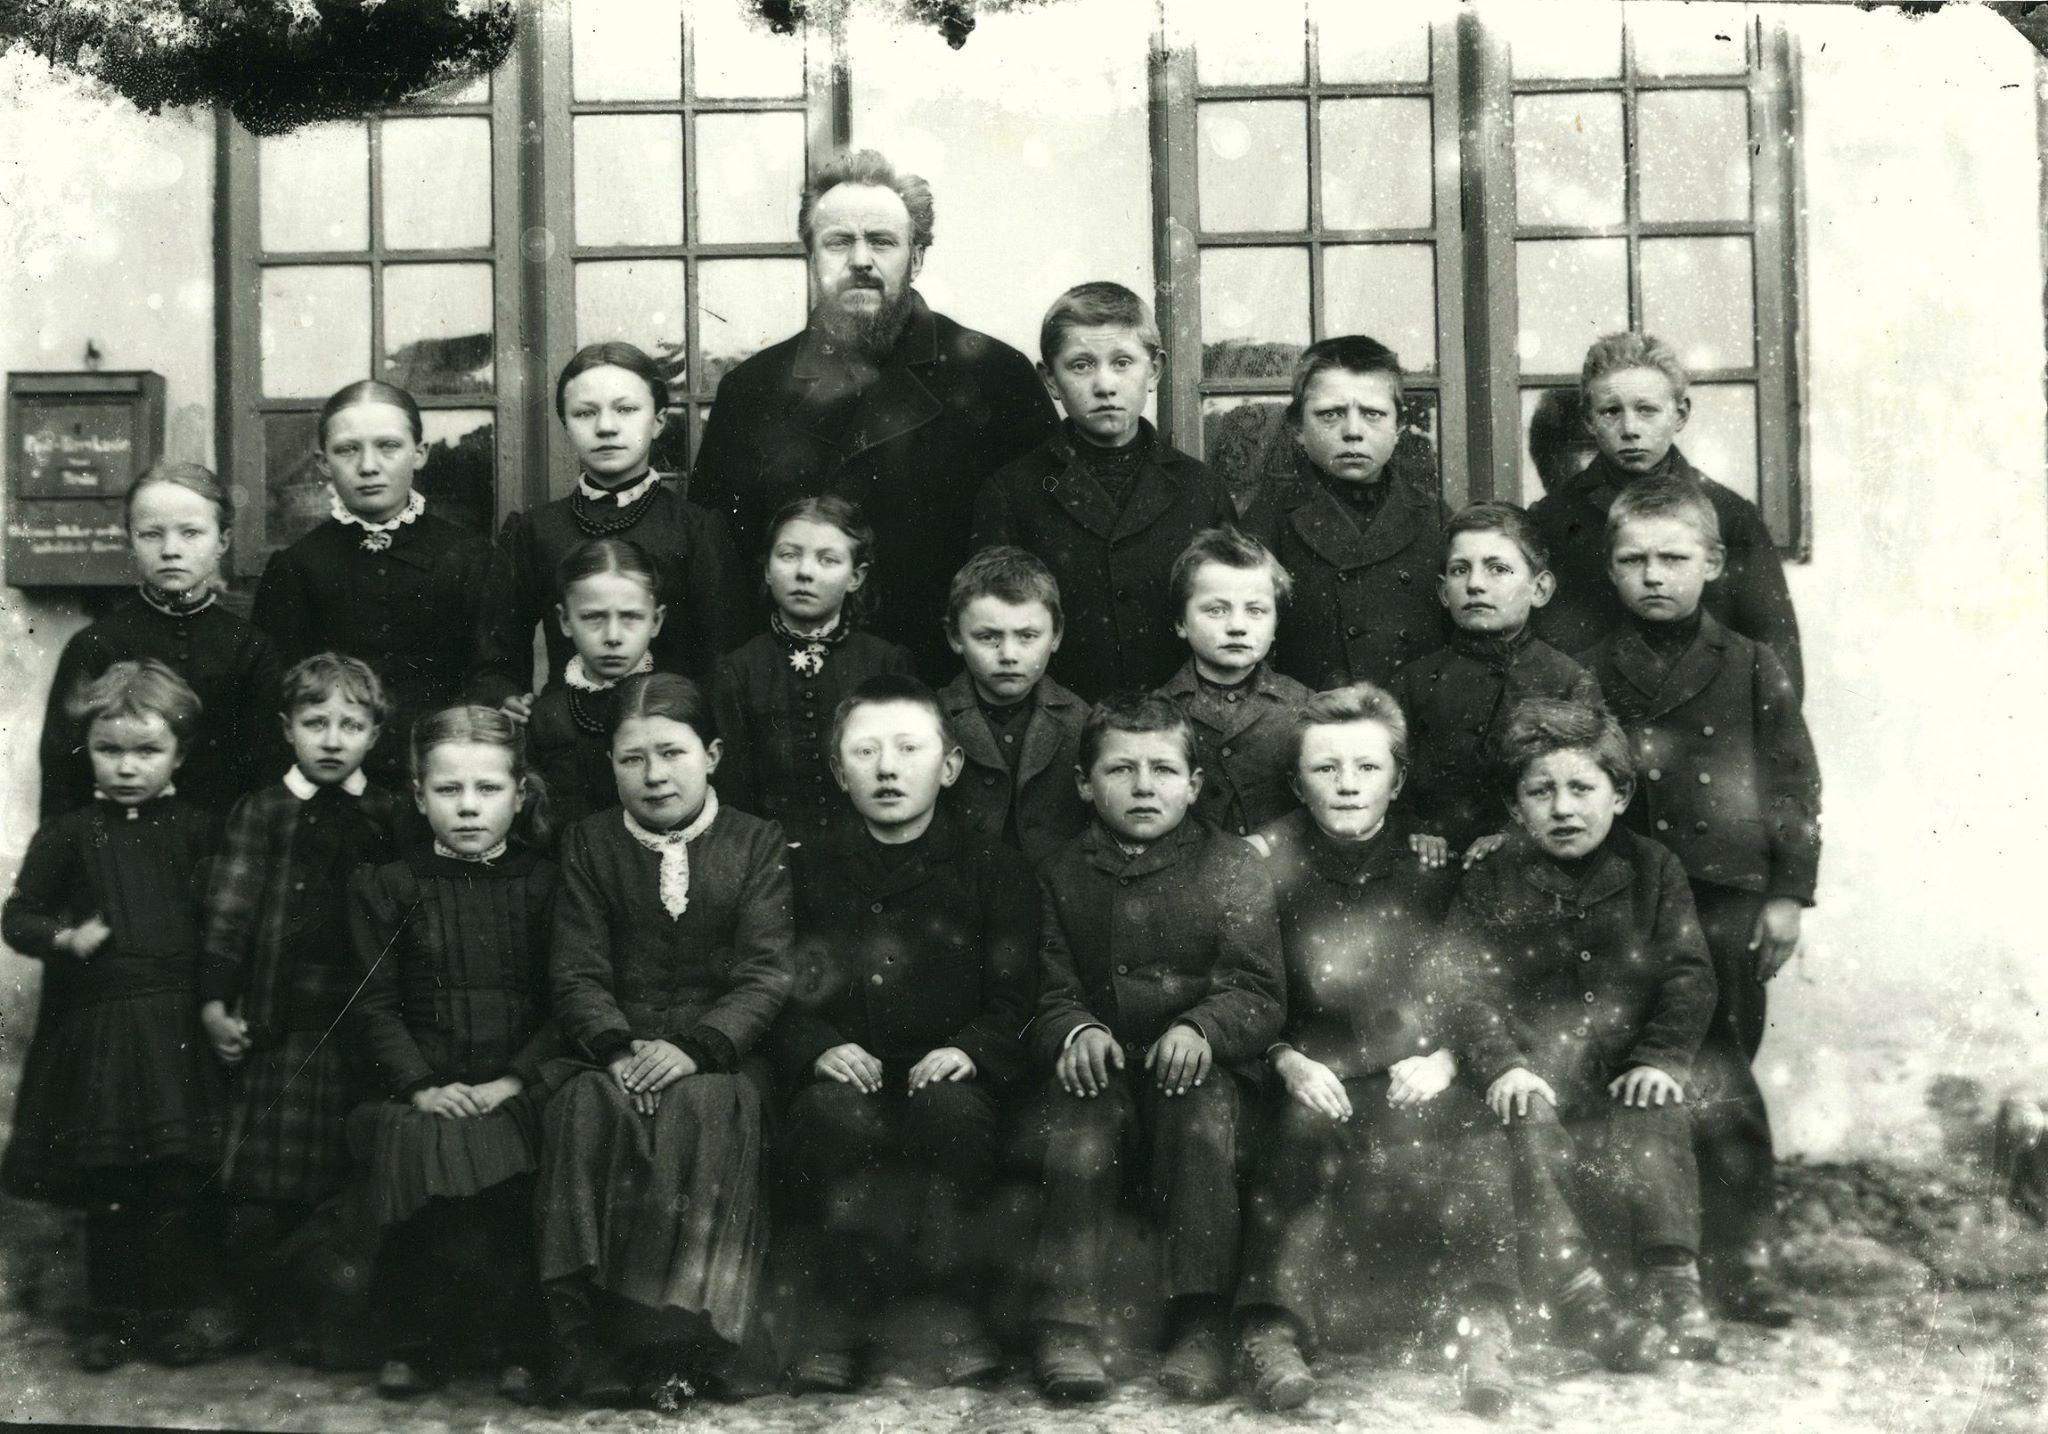 En skoleklasse. Hvor? Lærer Julius Bohn? (det står der på kortet). De har fået fint tøj på, børnene, fordi de skulle fotograferes og pigerne sidder til den ene side, drengene til den anden. Nogle af pigerne er meget små. Glaspladen er desværre noget medtaget - men billedet, motivet er fint. Foto Kjøller, Allinge.